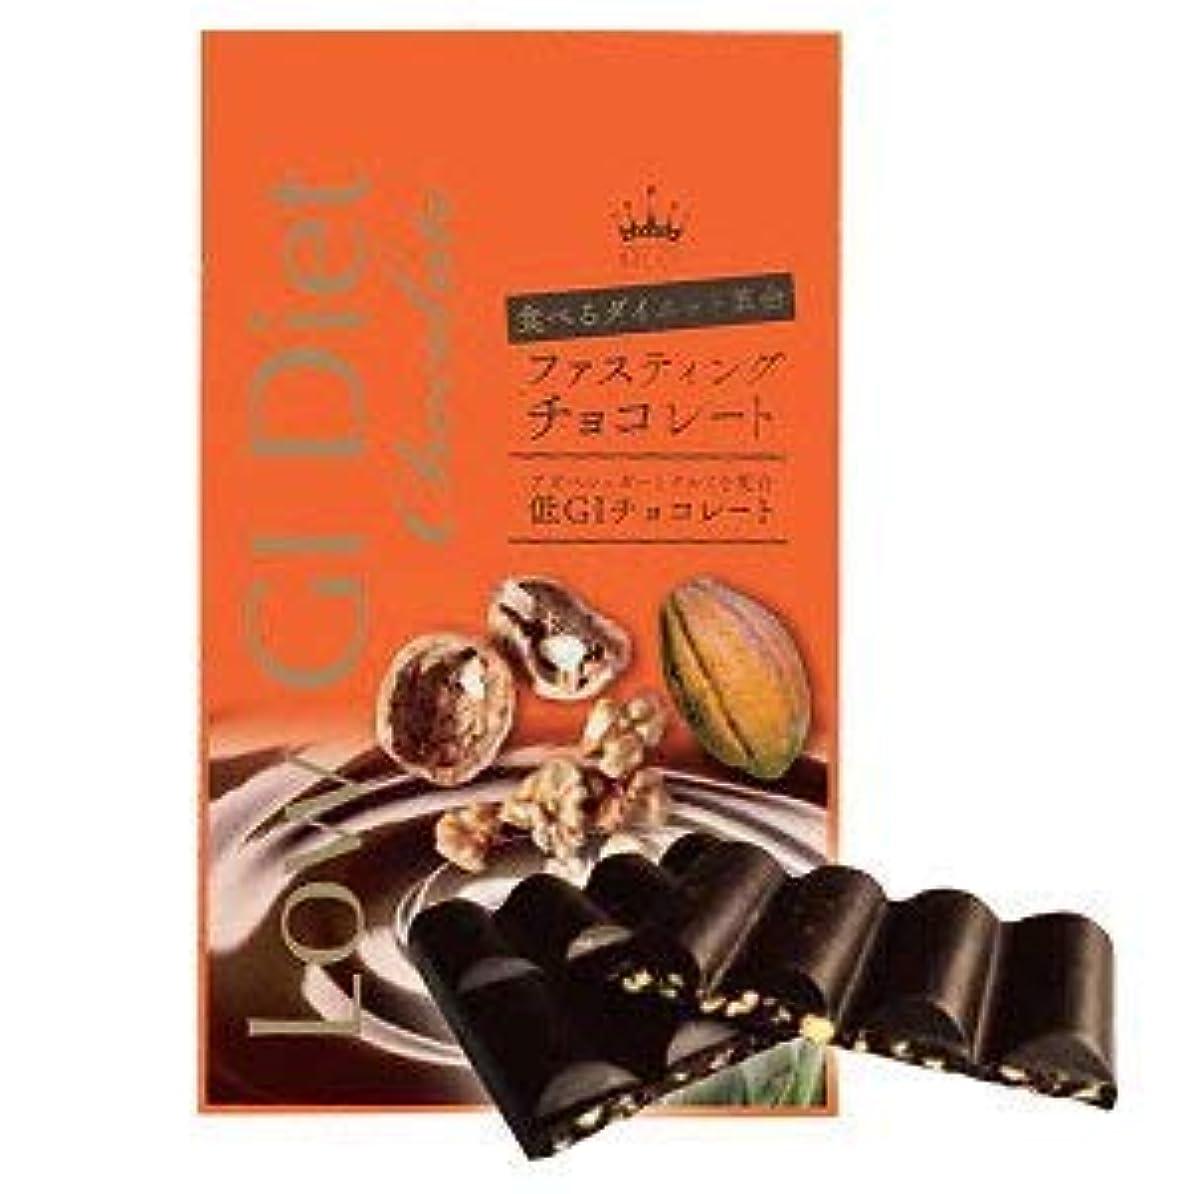 顕微鏡昨日ながらファスティングチョコレート 25g×3個 1袋